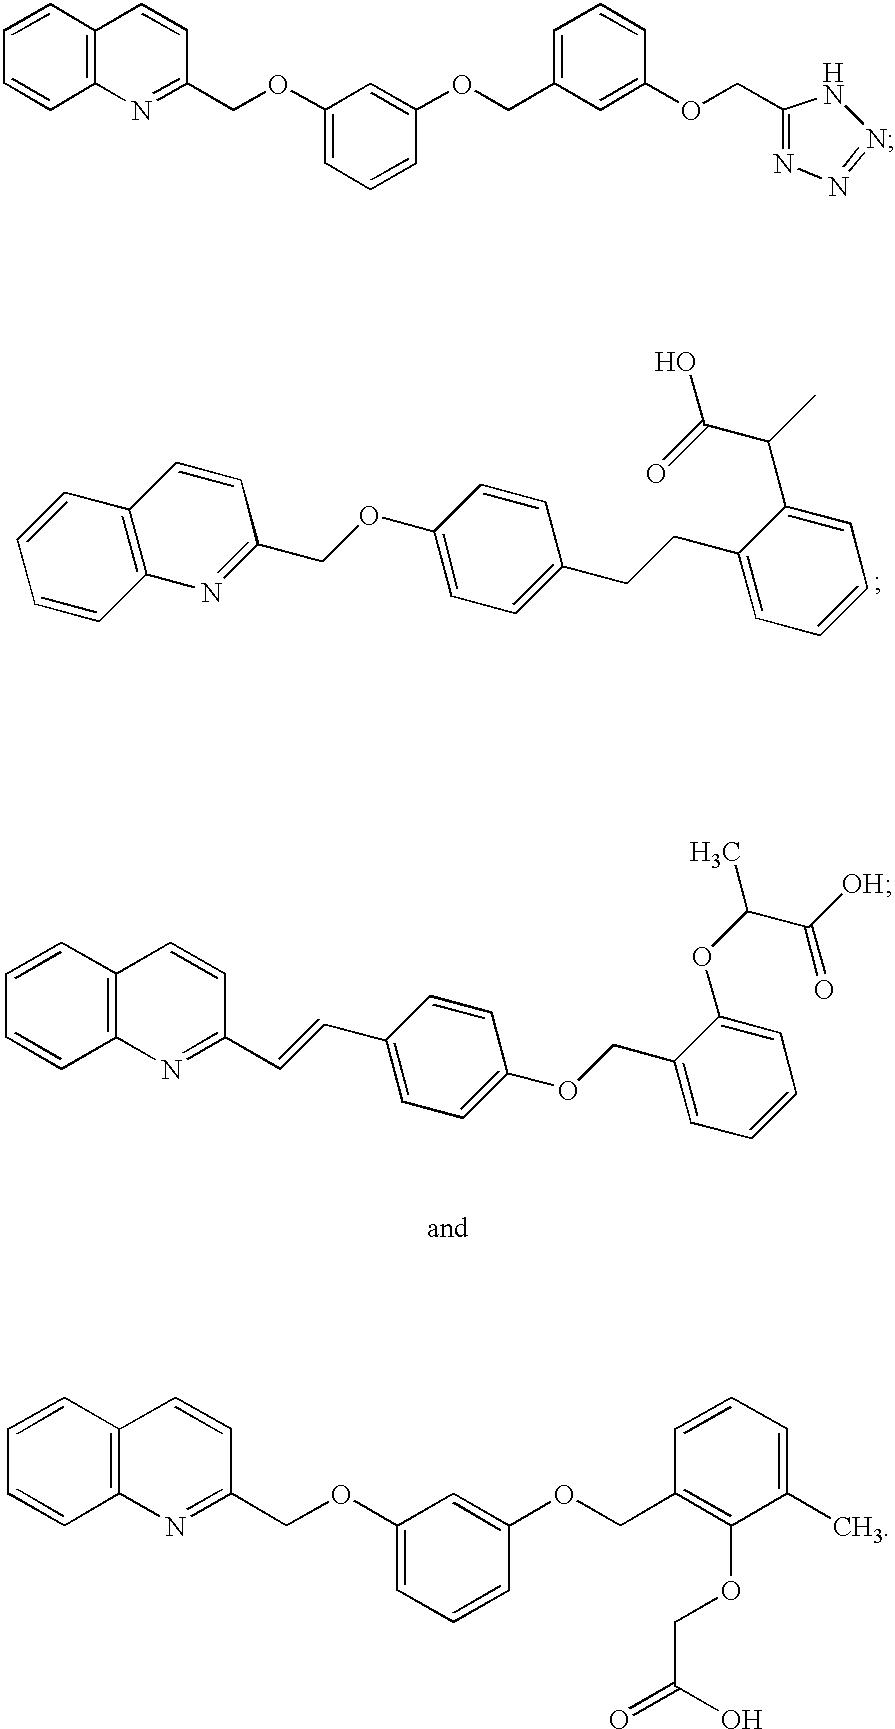 Figure US20030220373A1-20031127-C00072